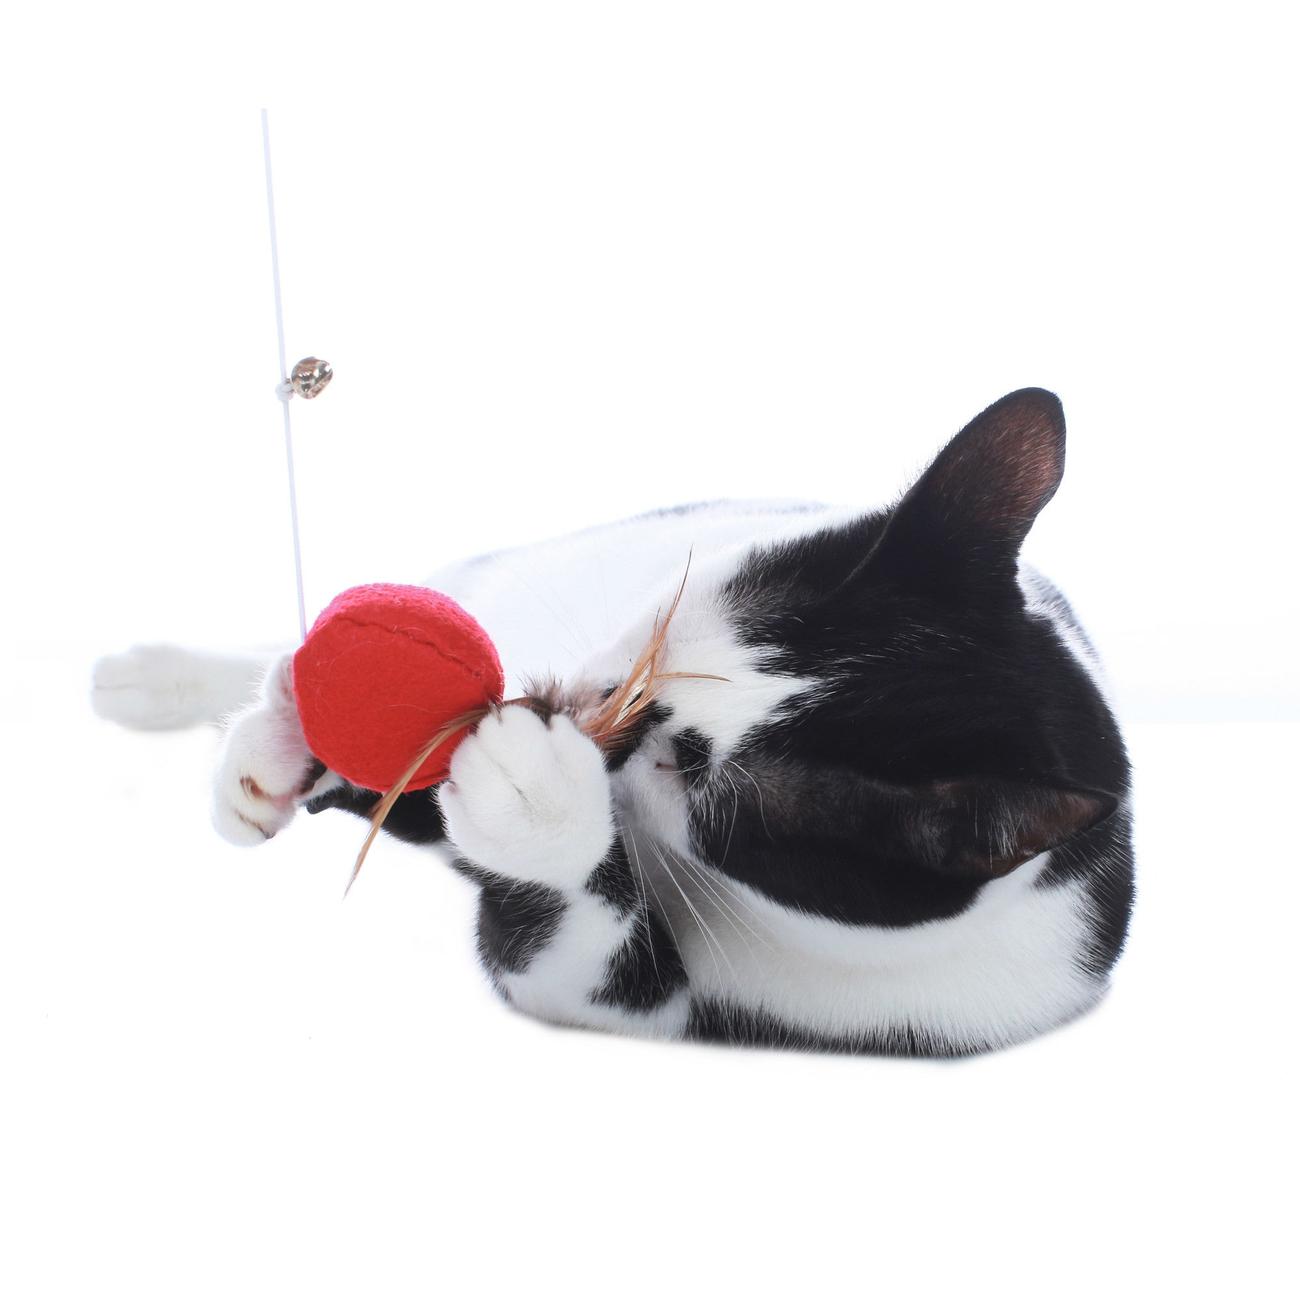 Hunter Katzen Spielangel by Laura 65908, Bild 5